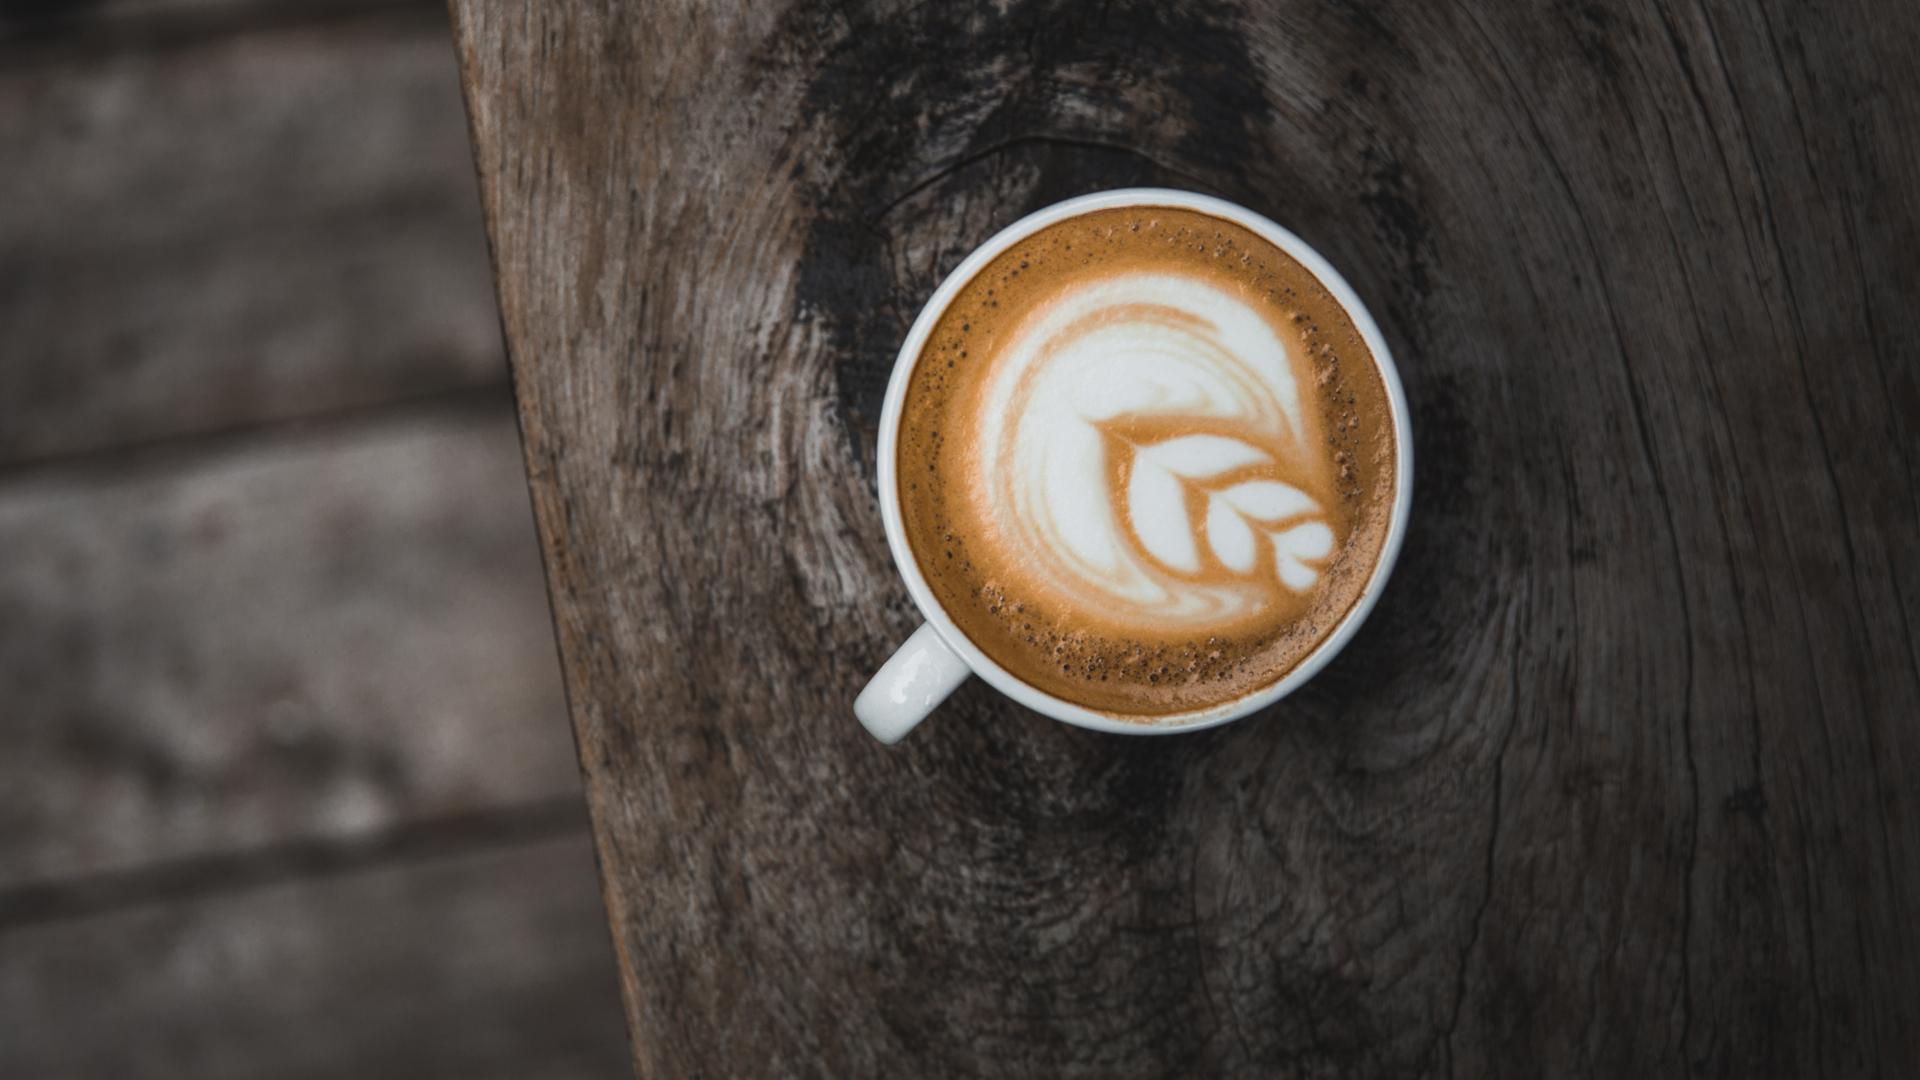 la-genetica-influye-en-el-gusto-por-el-cafe-1920